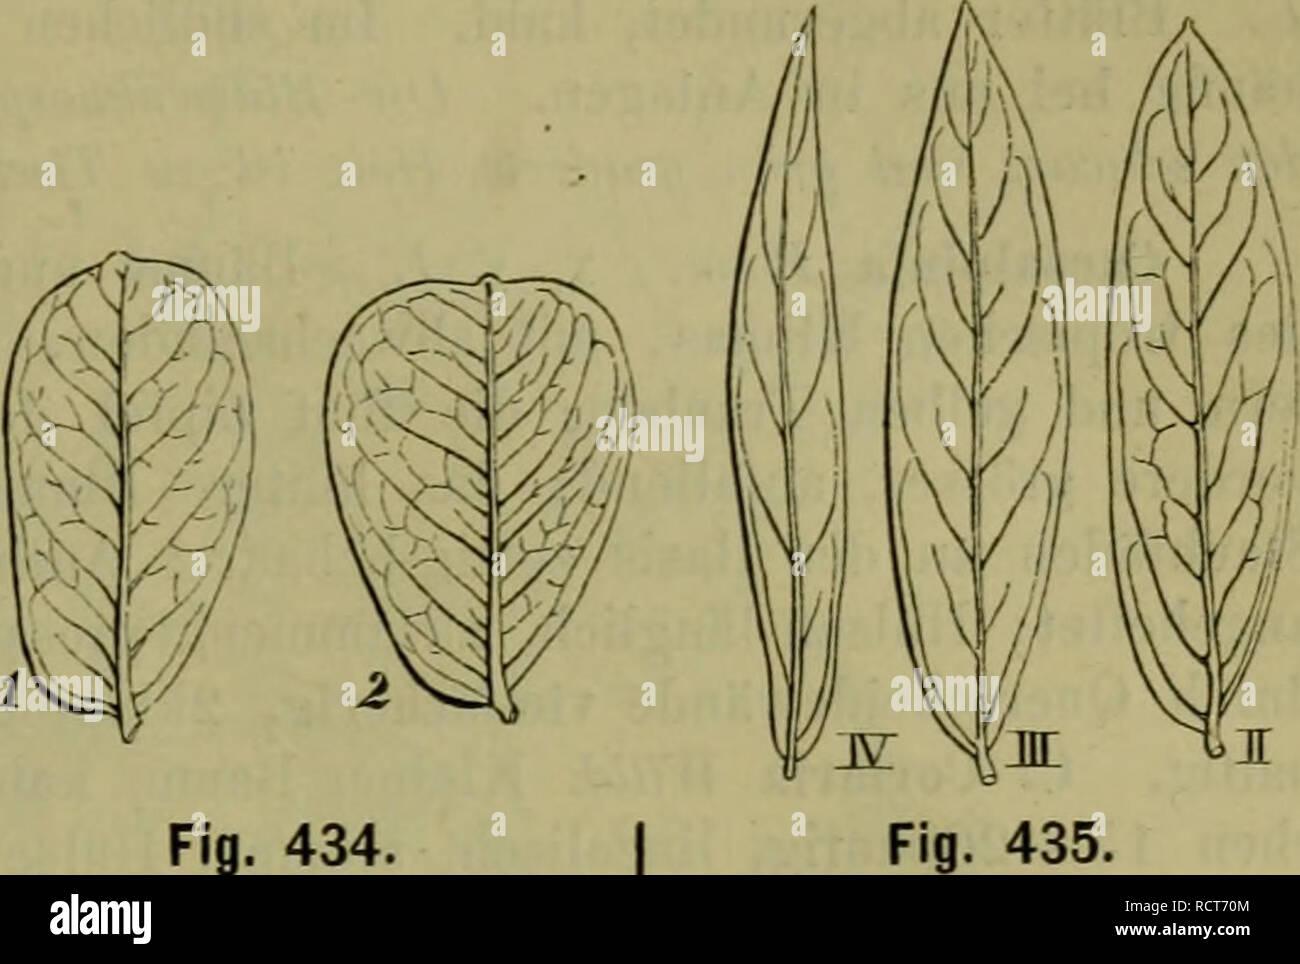 C Lanceolata Stock Photos & C Lanceolata Stock Images - Alamy